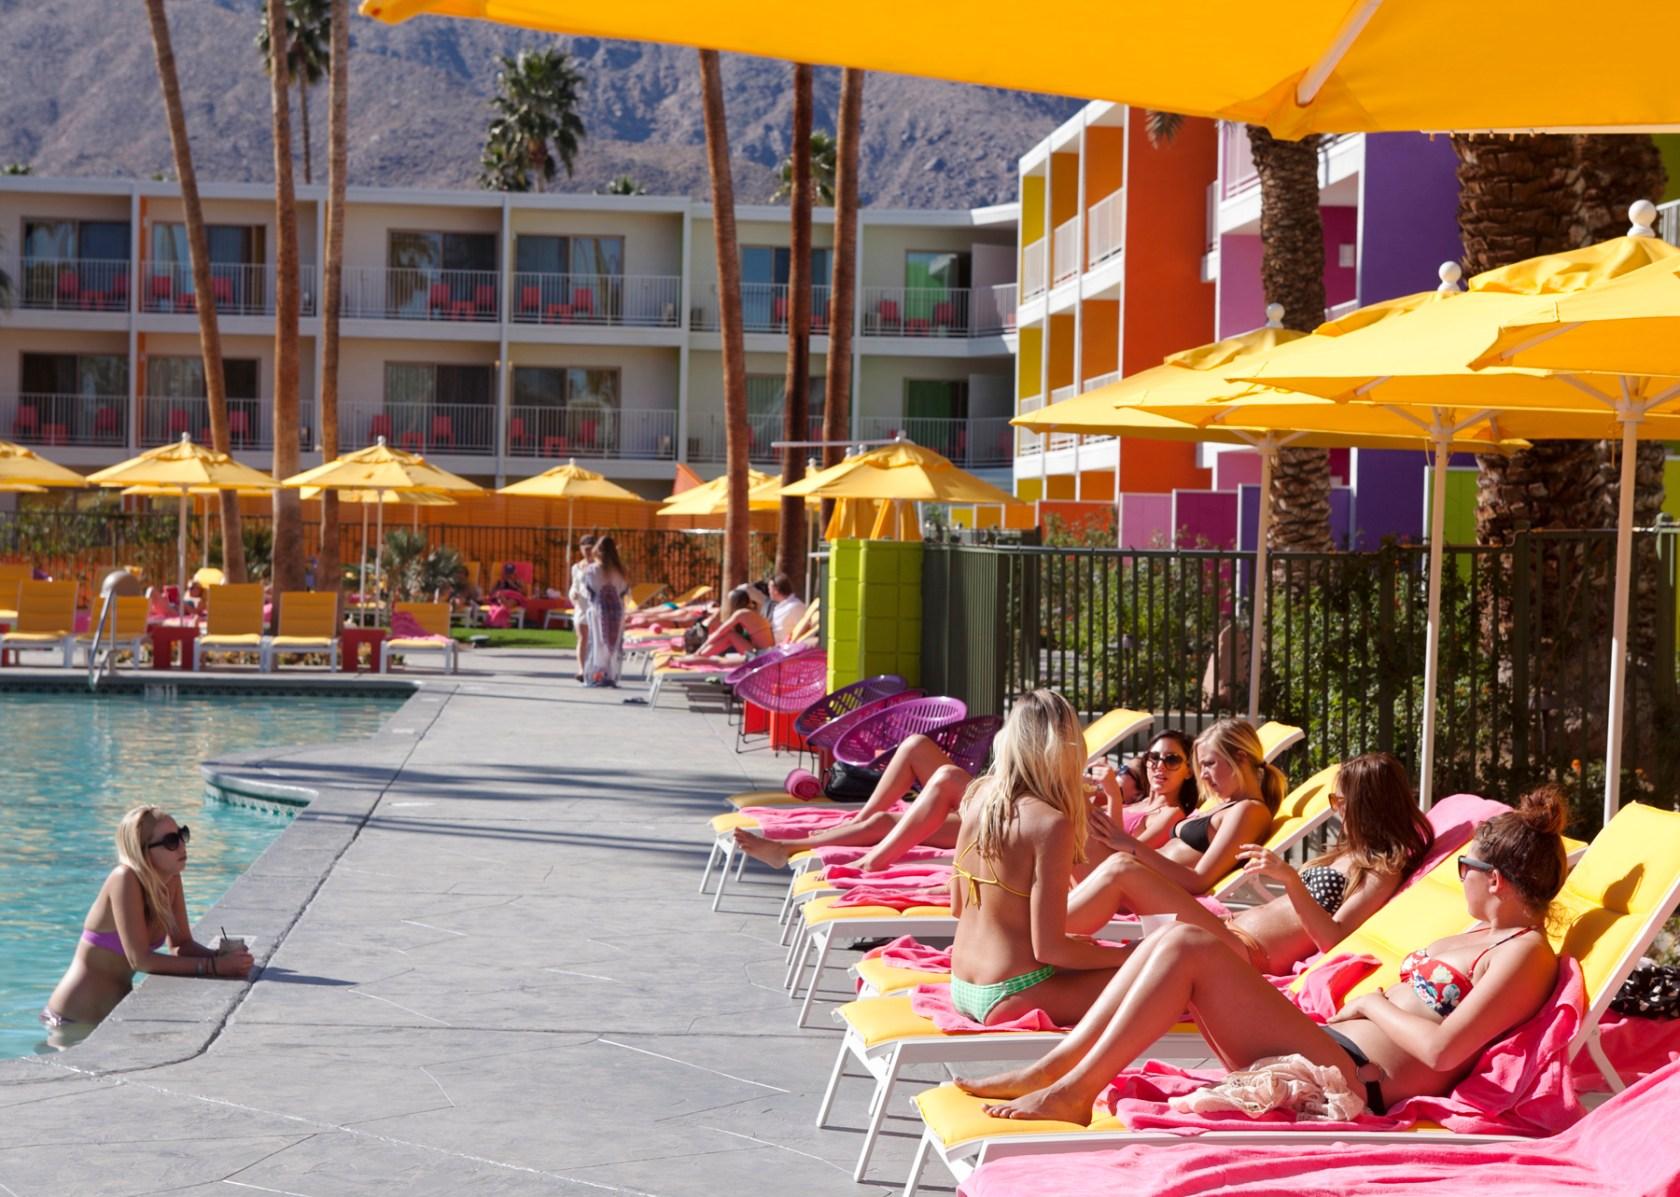 Saguaro Palm Springs - Architizer